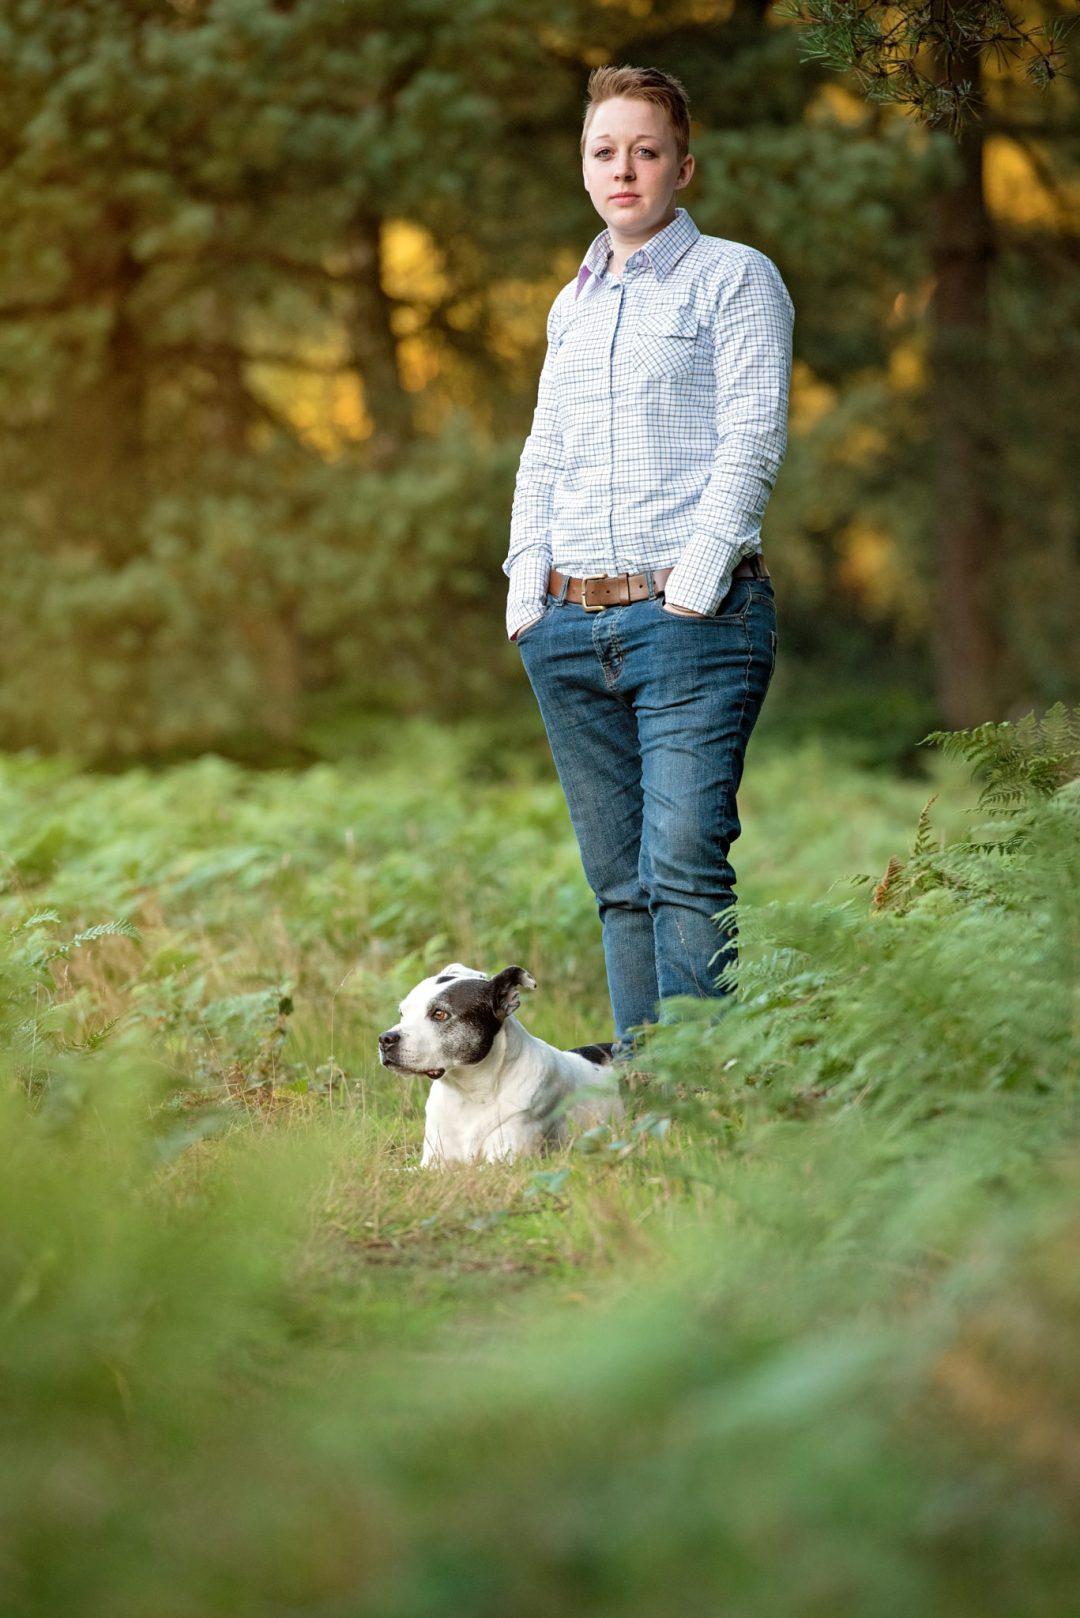 portrait sheep dog owner